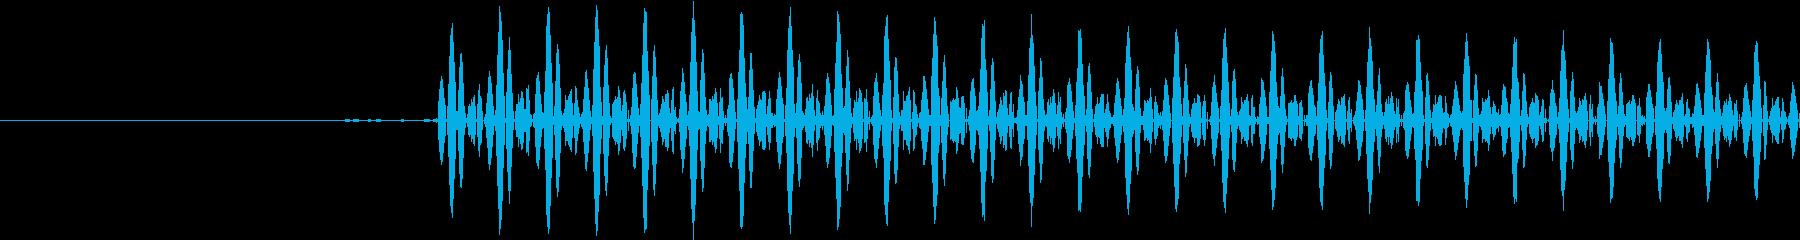 テレメトリまたは電子音の再生済みの波形